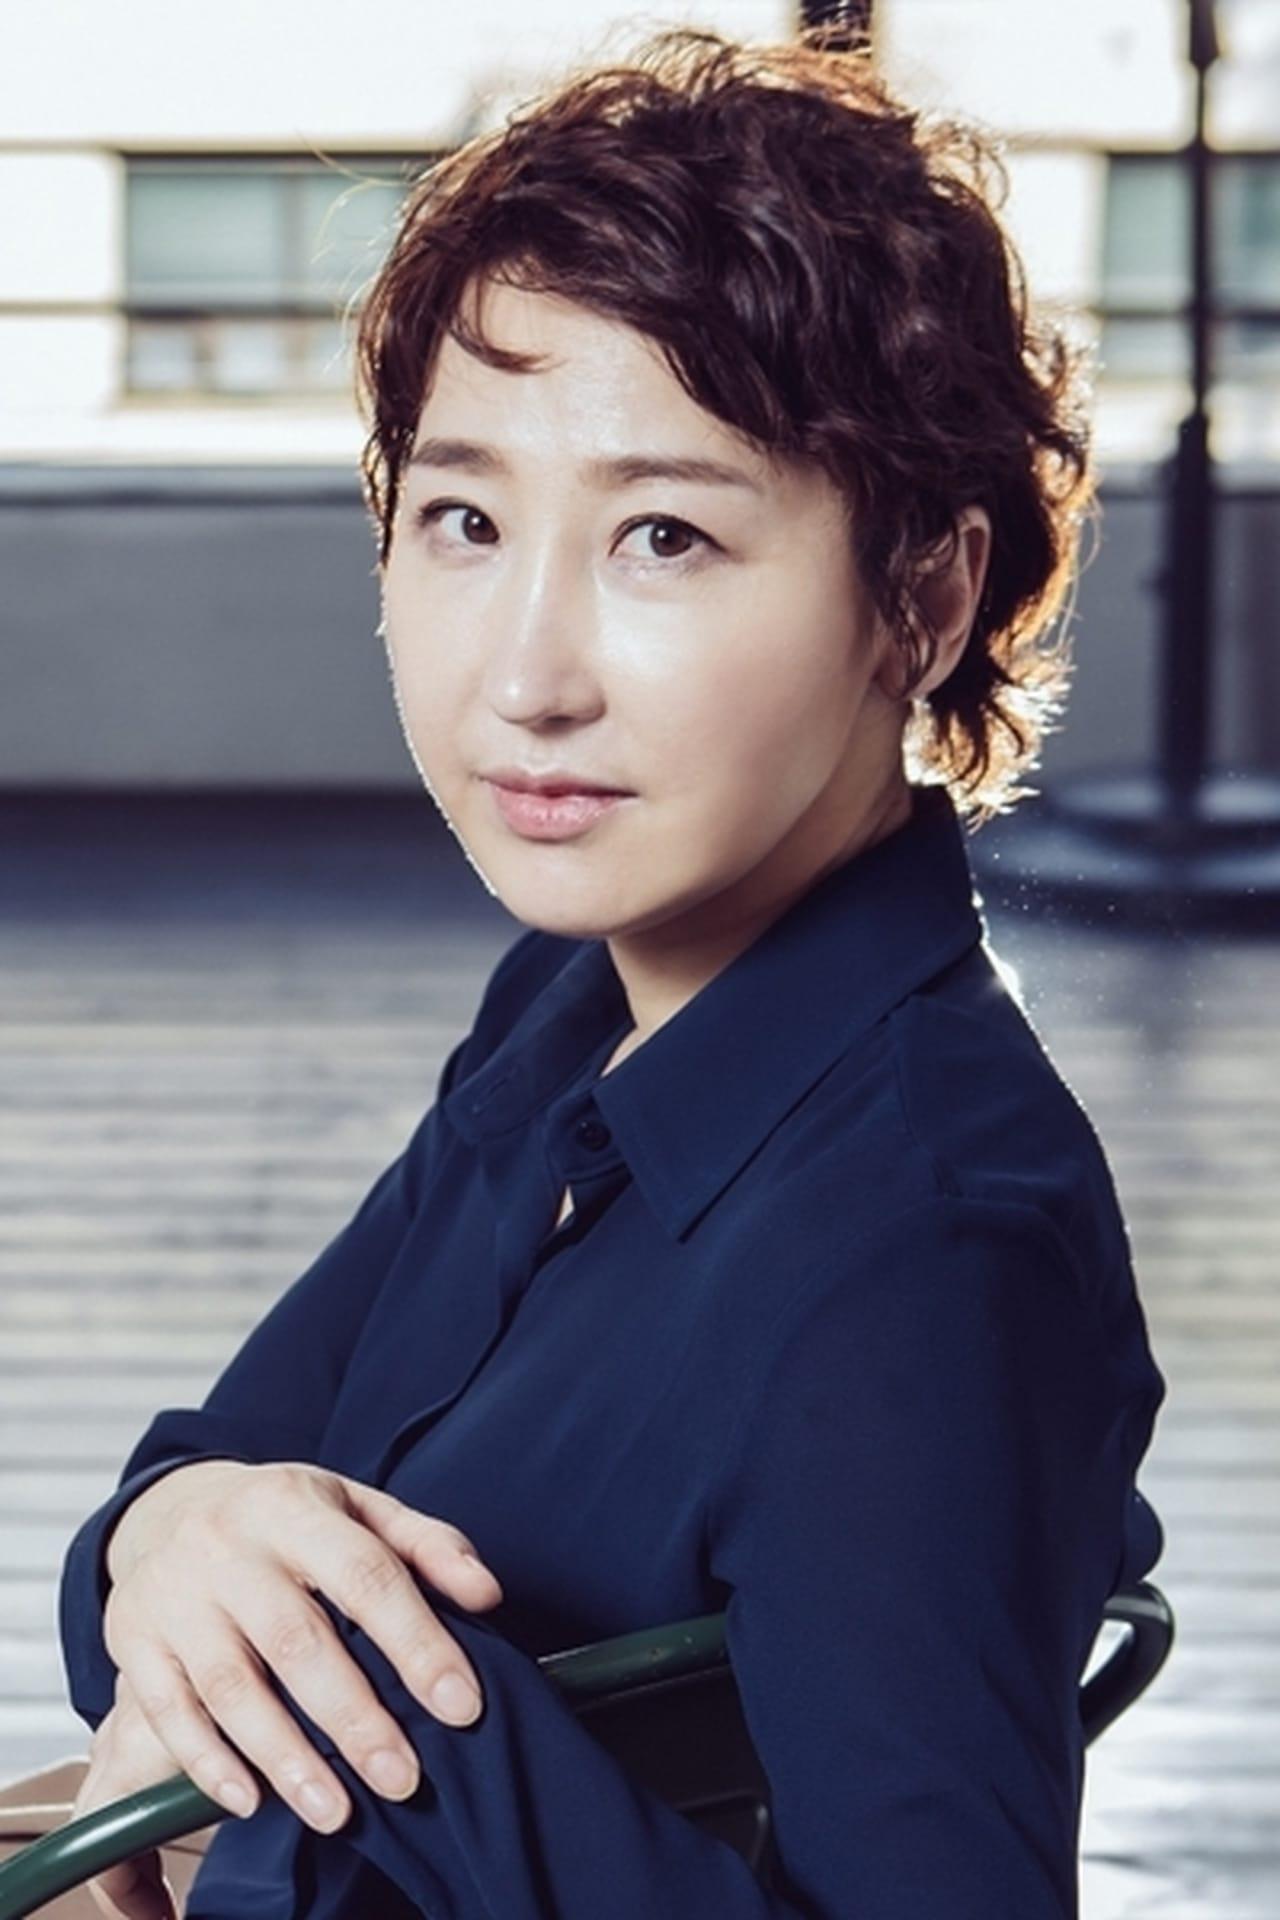 Ryu Seong-hee